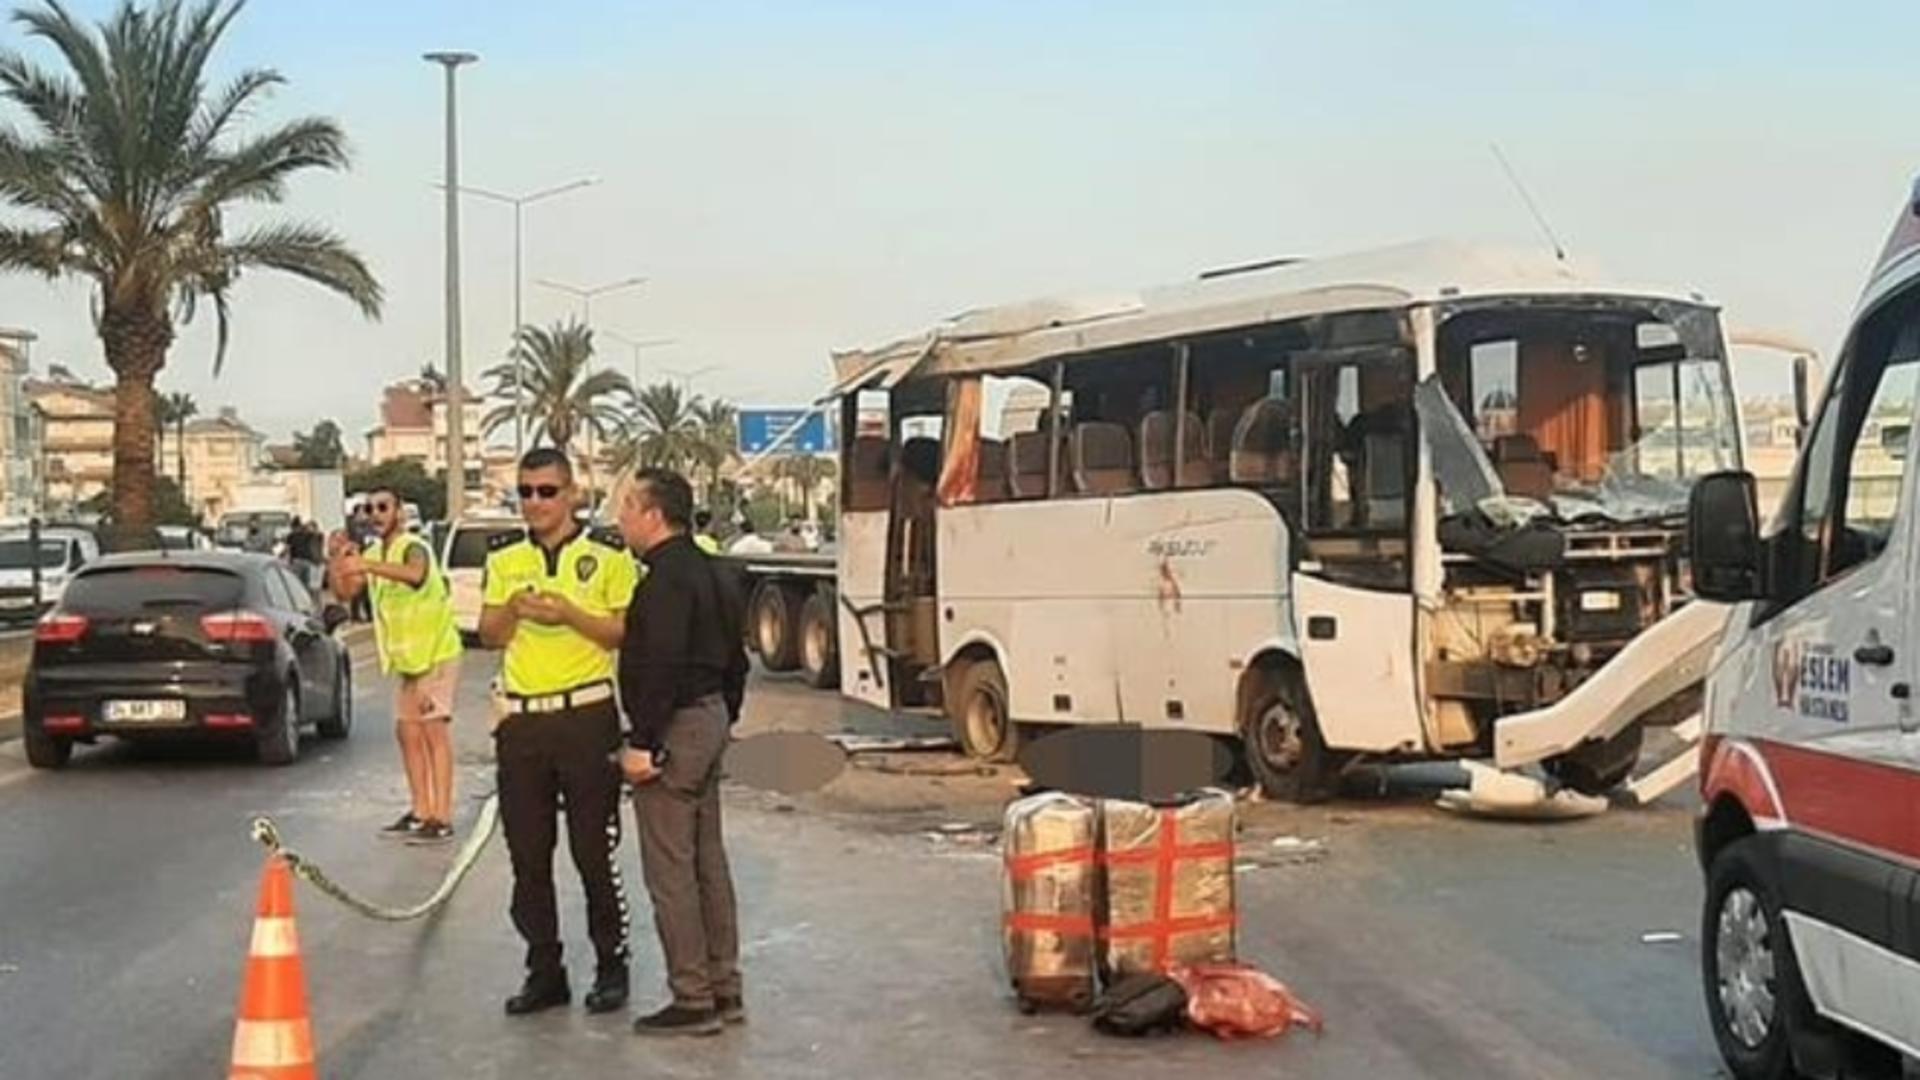 TRAGEDIE în Turcia, după un autocar răsturnat în Antalya - 3 turiști ruși MORȚI, 16 RĂNIȚI, printre care și copii